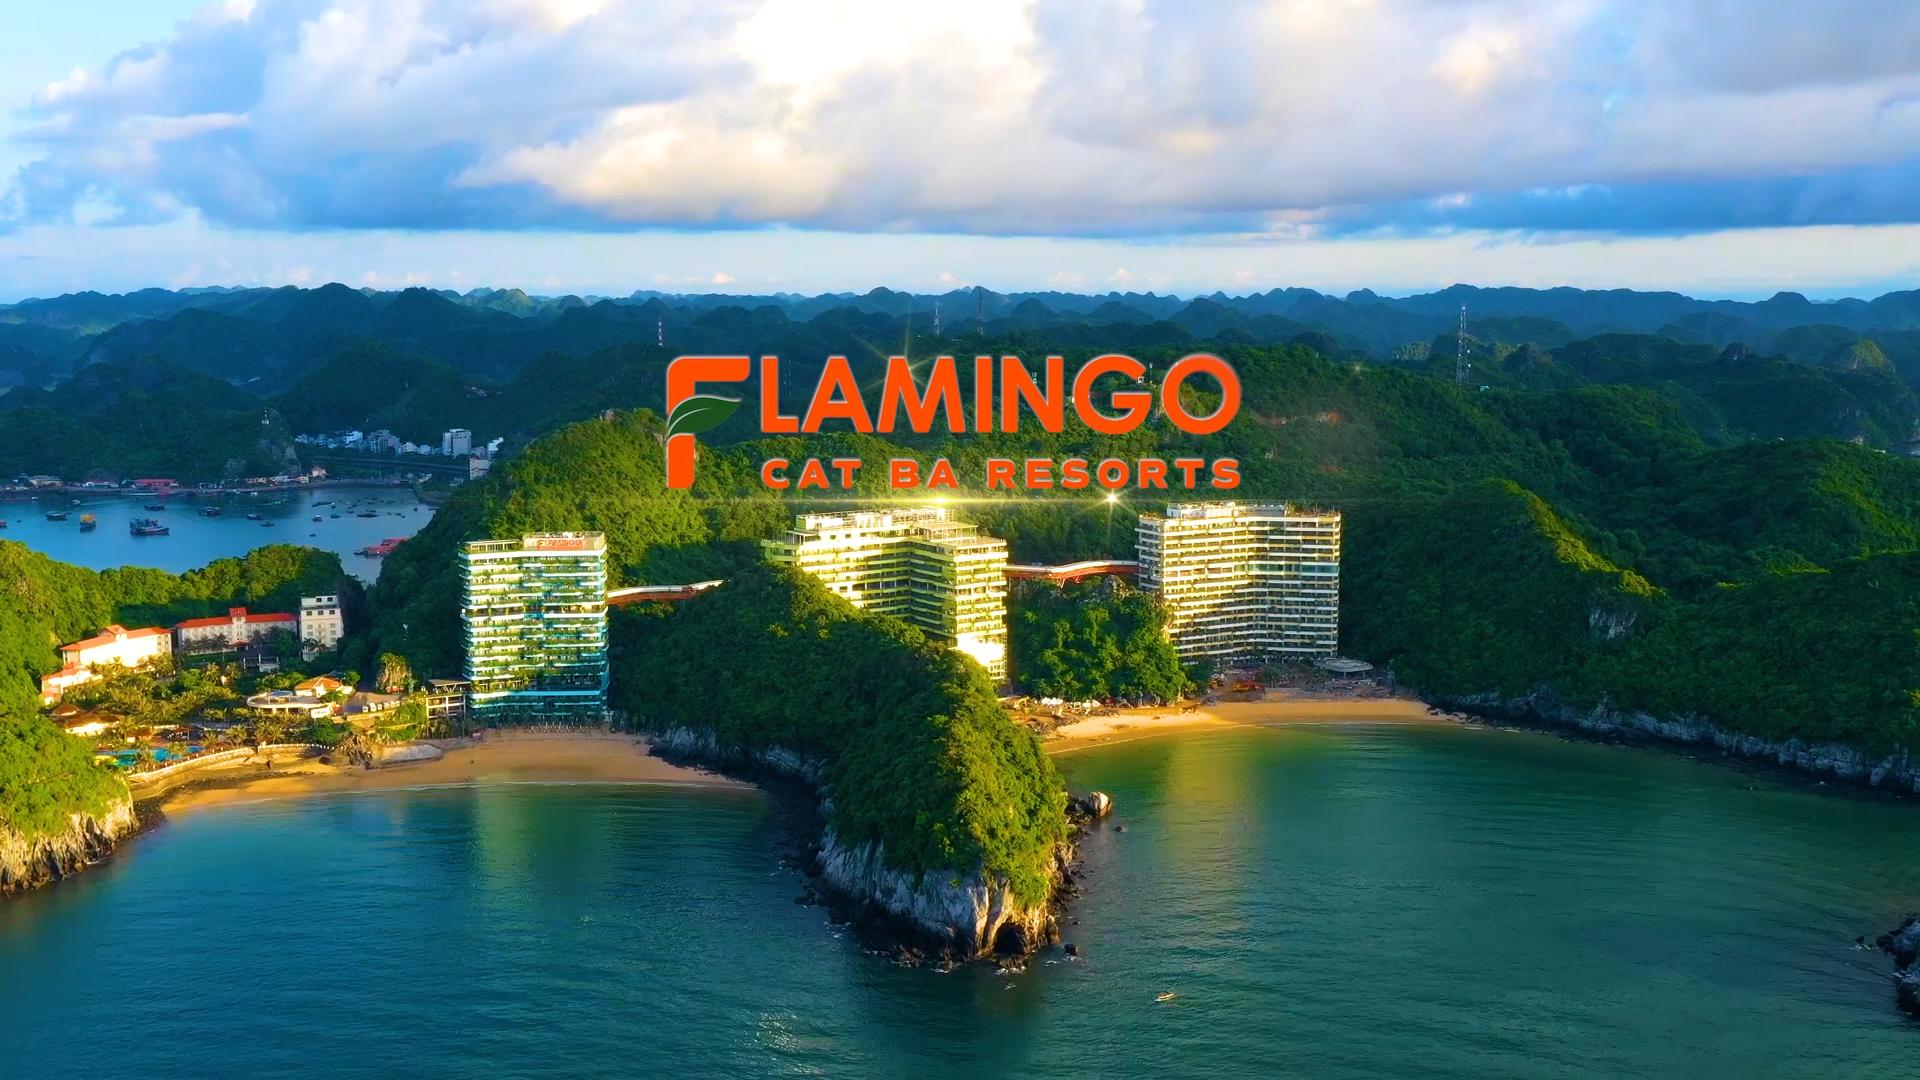 Tổ hợp du lịch nghỉ dưỡng Flamingo